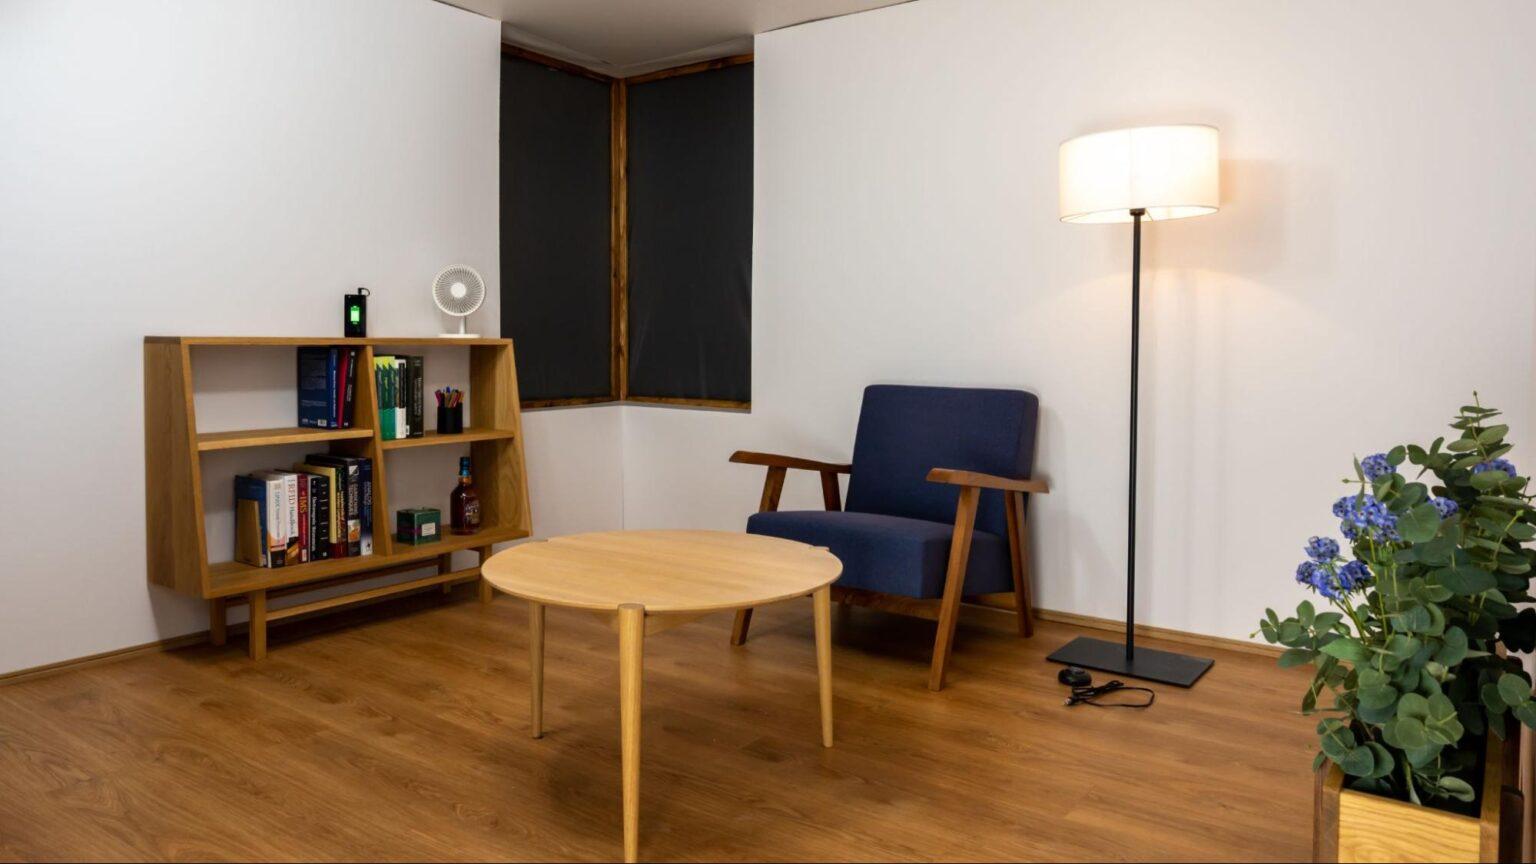 La habitació de càrreca inalàmbrica dissenyada per als experiments | Universitat de Michigan